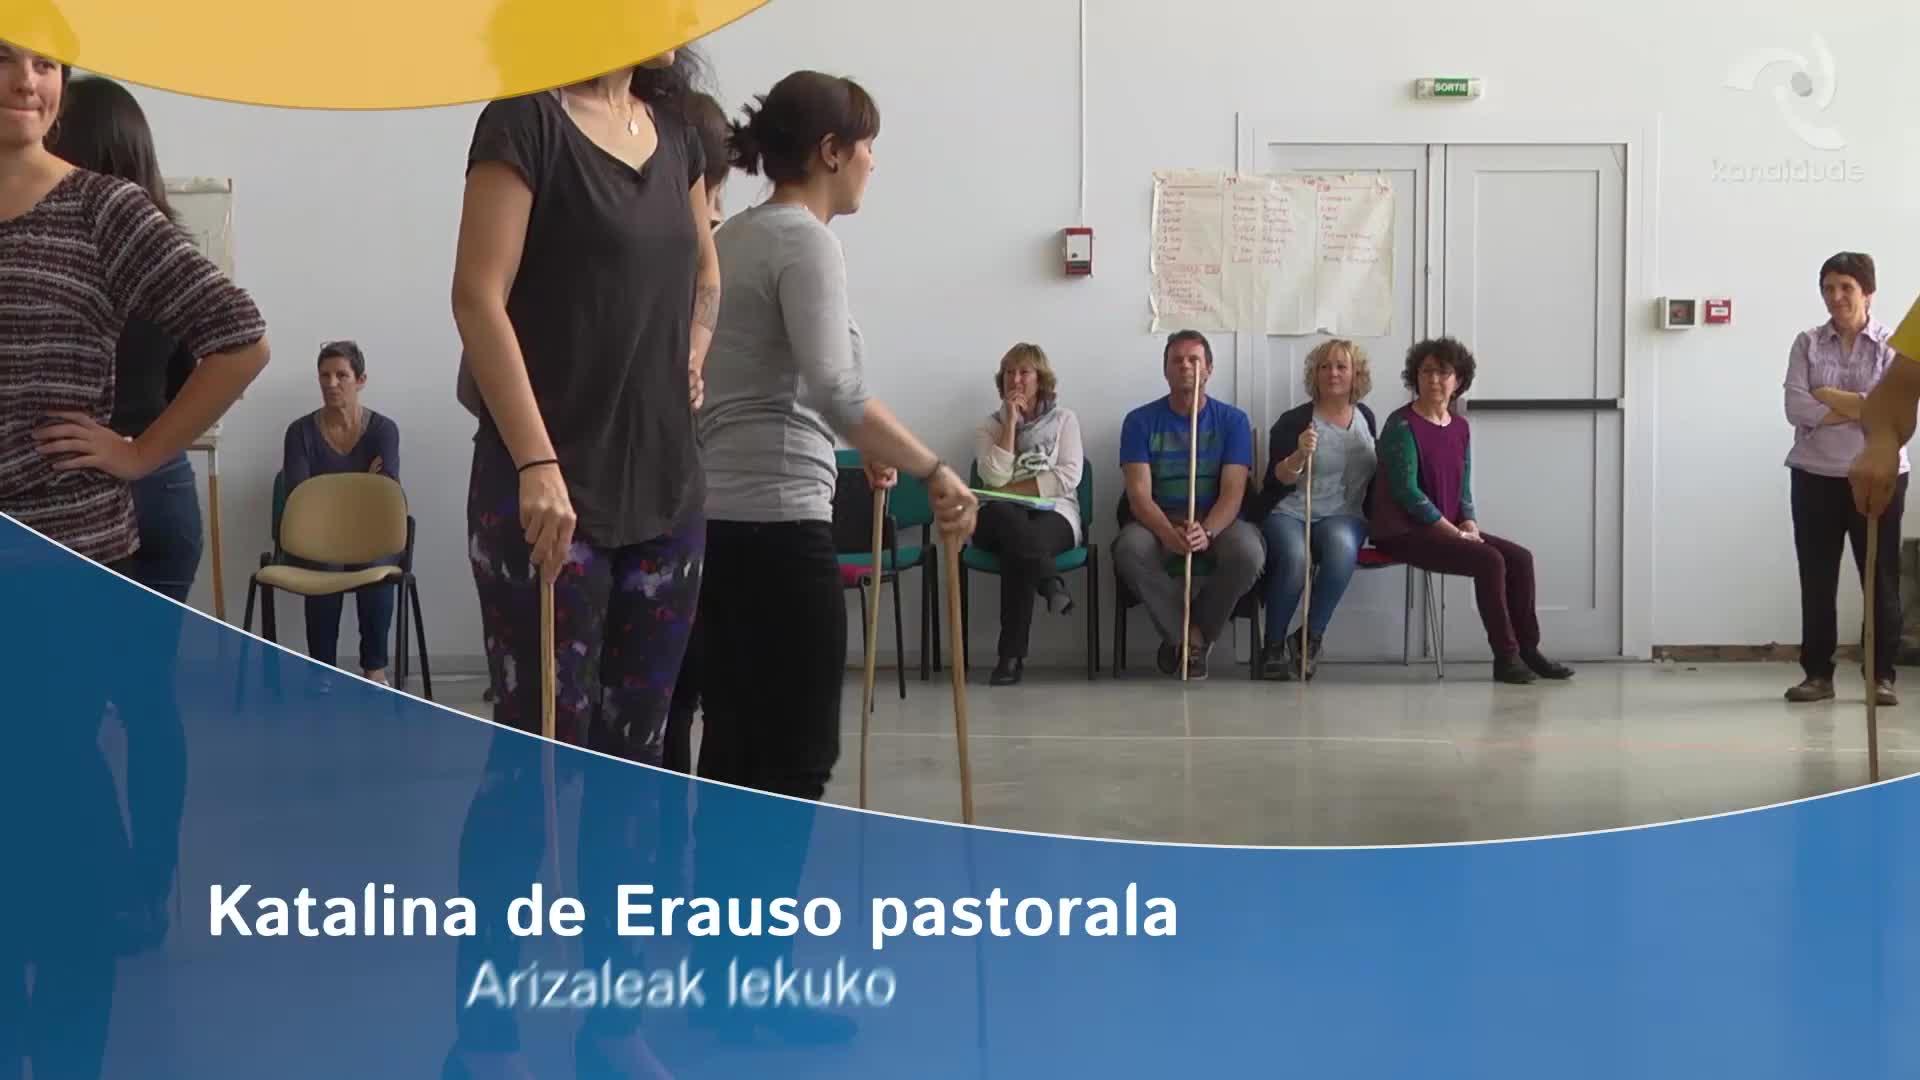 Katalina de Erauso pastorala: Arizaleak lekuko